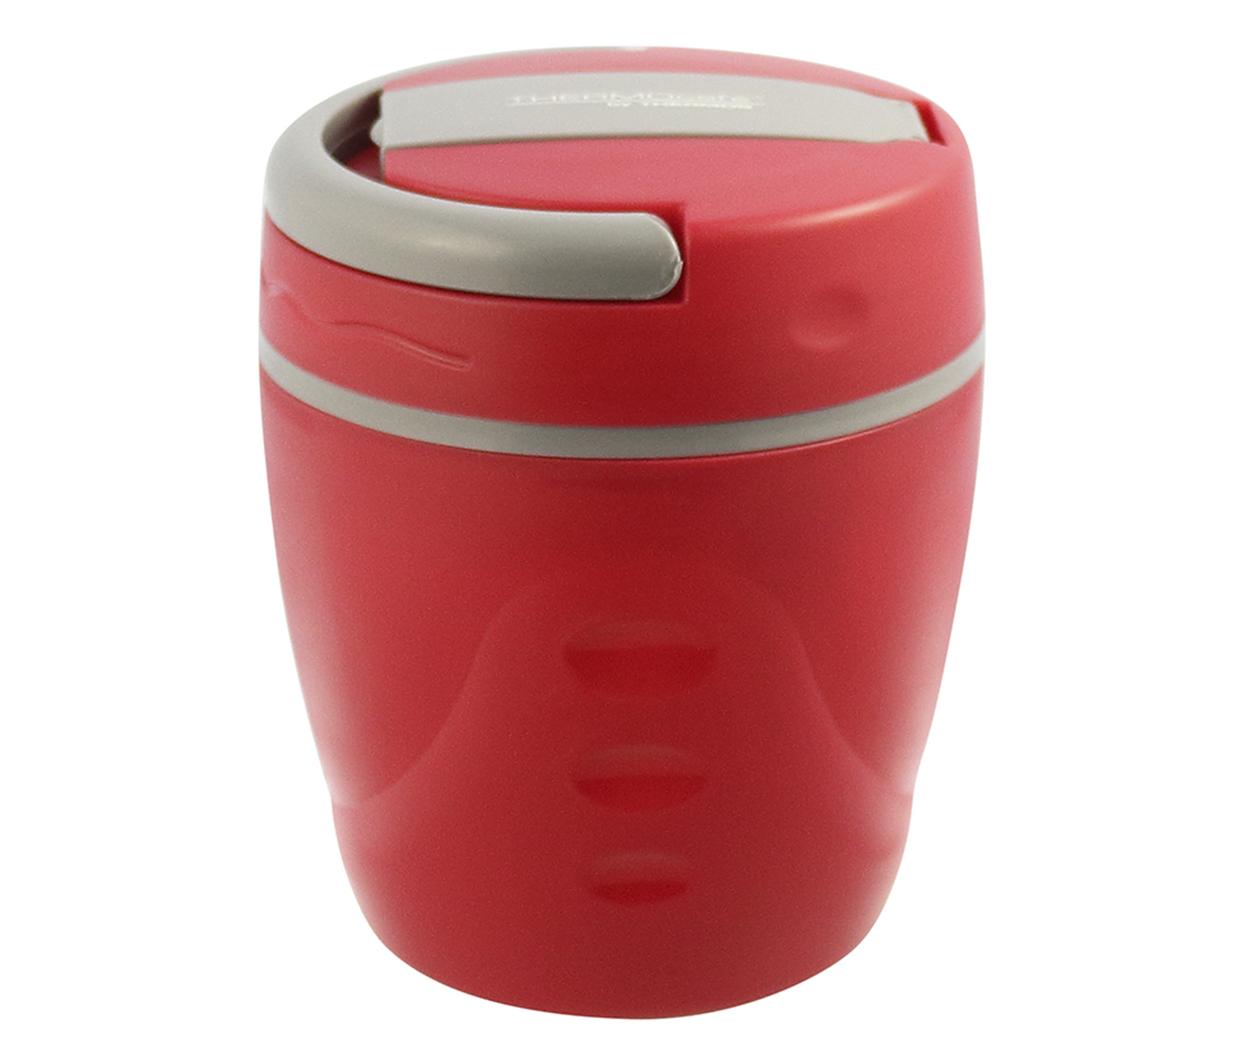 Características:   Capacidad: 1L   Material: Interior y exterior de plástico.   Aislamiento térmico con Poliuretano.   Ideal para la lonchera.   No conserva olores